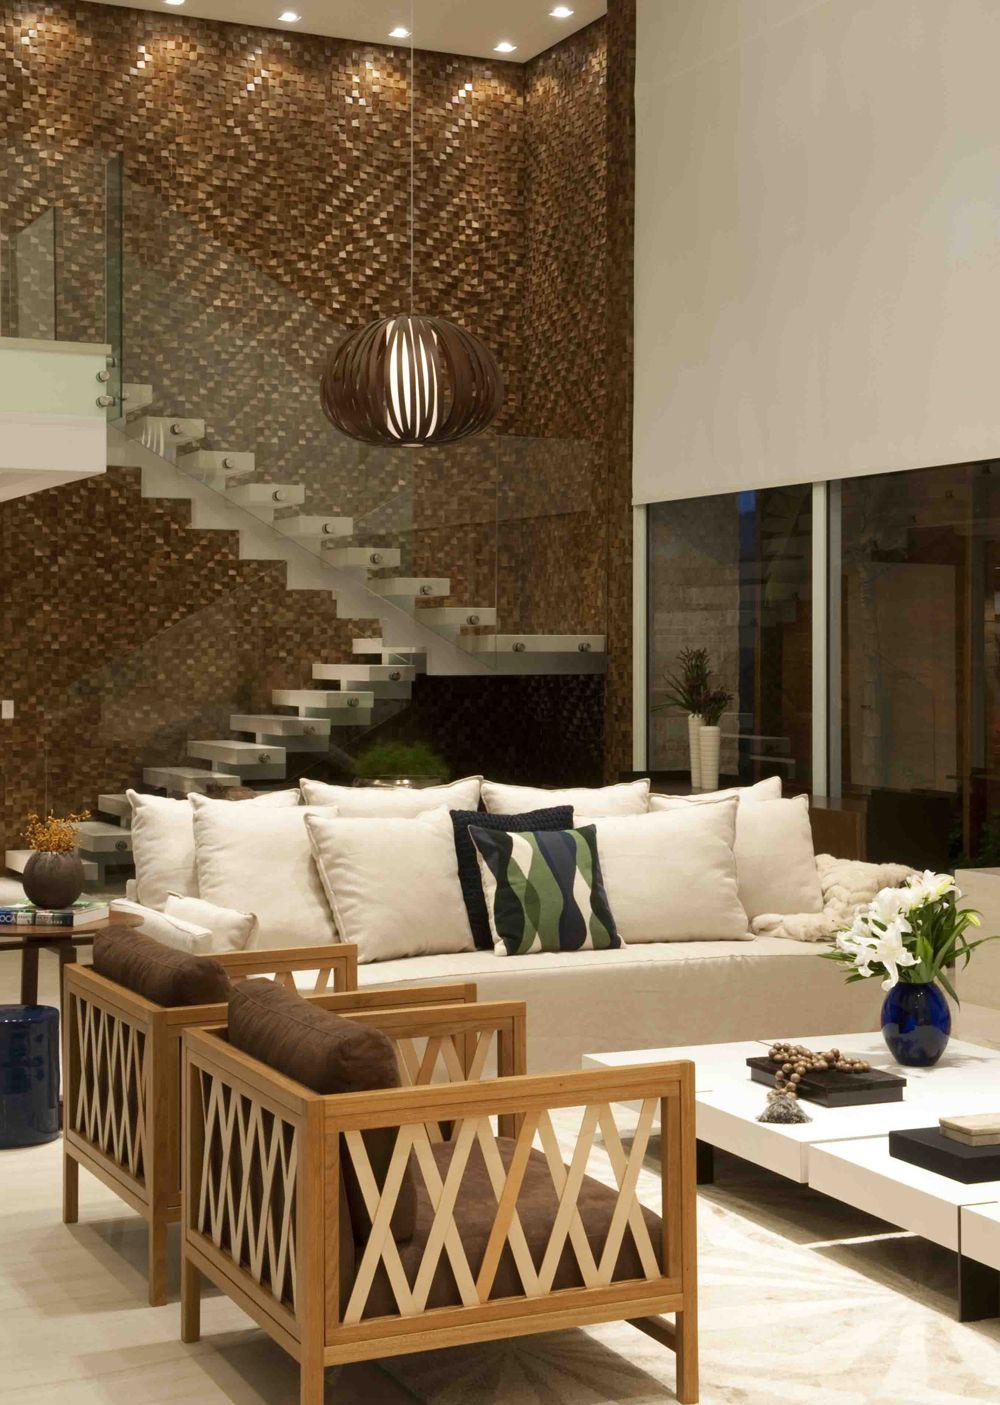 Para Receber E Acolher Decorações para sala de estar, Decorações de sala e Sala de estar -> Decoração De Hall Com Escada